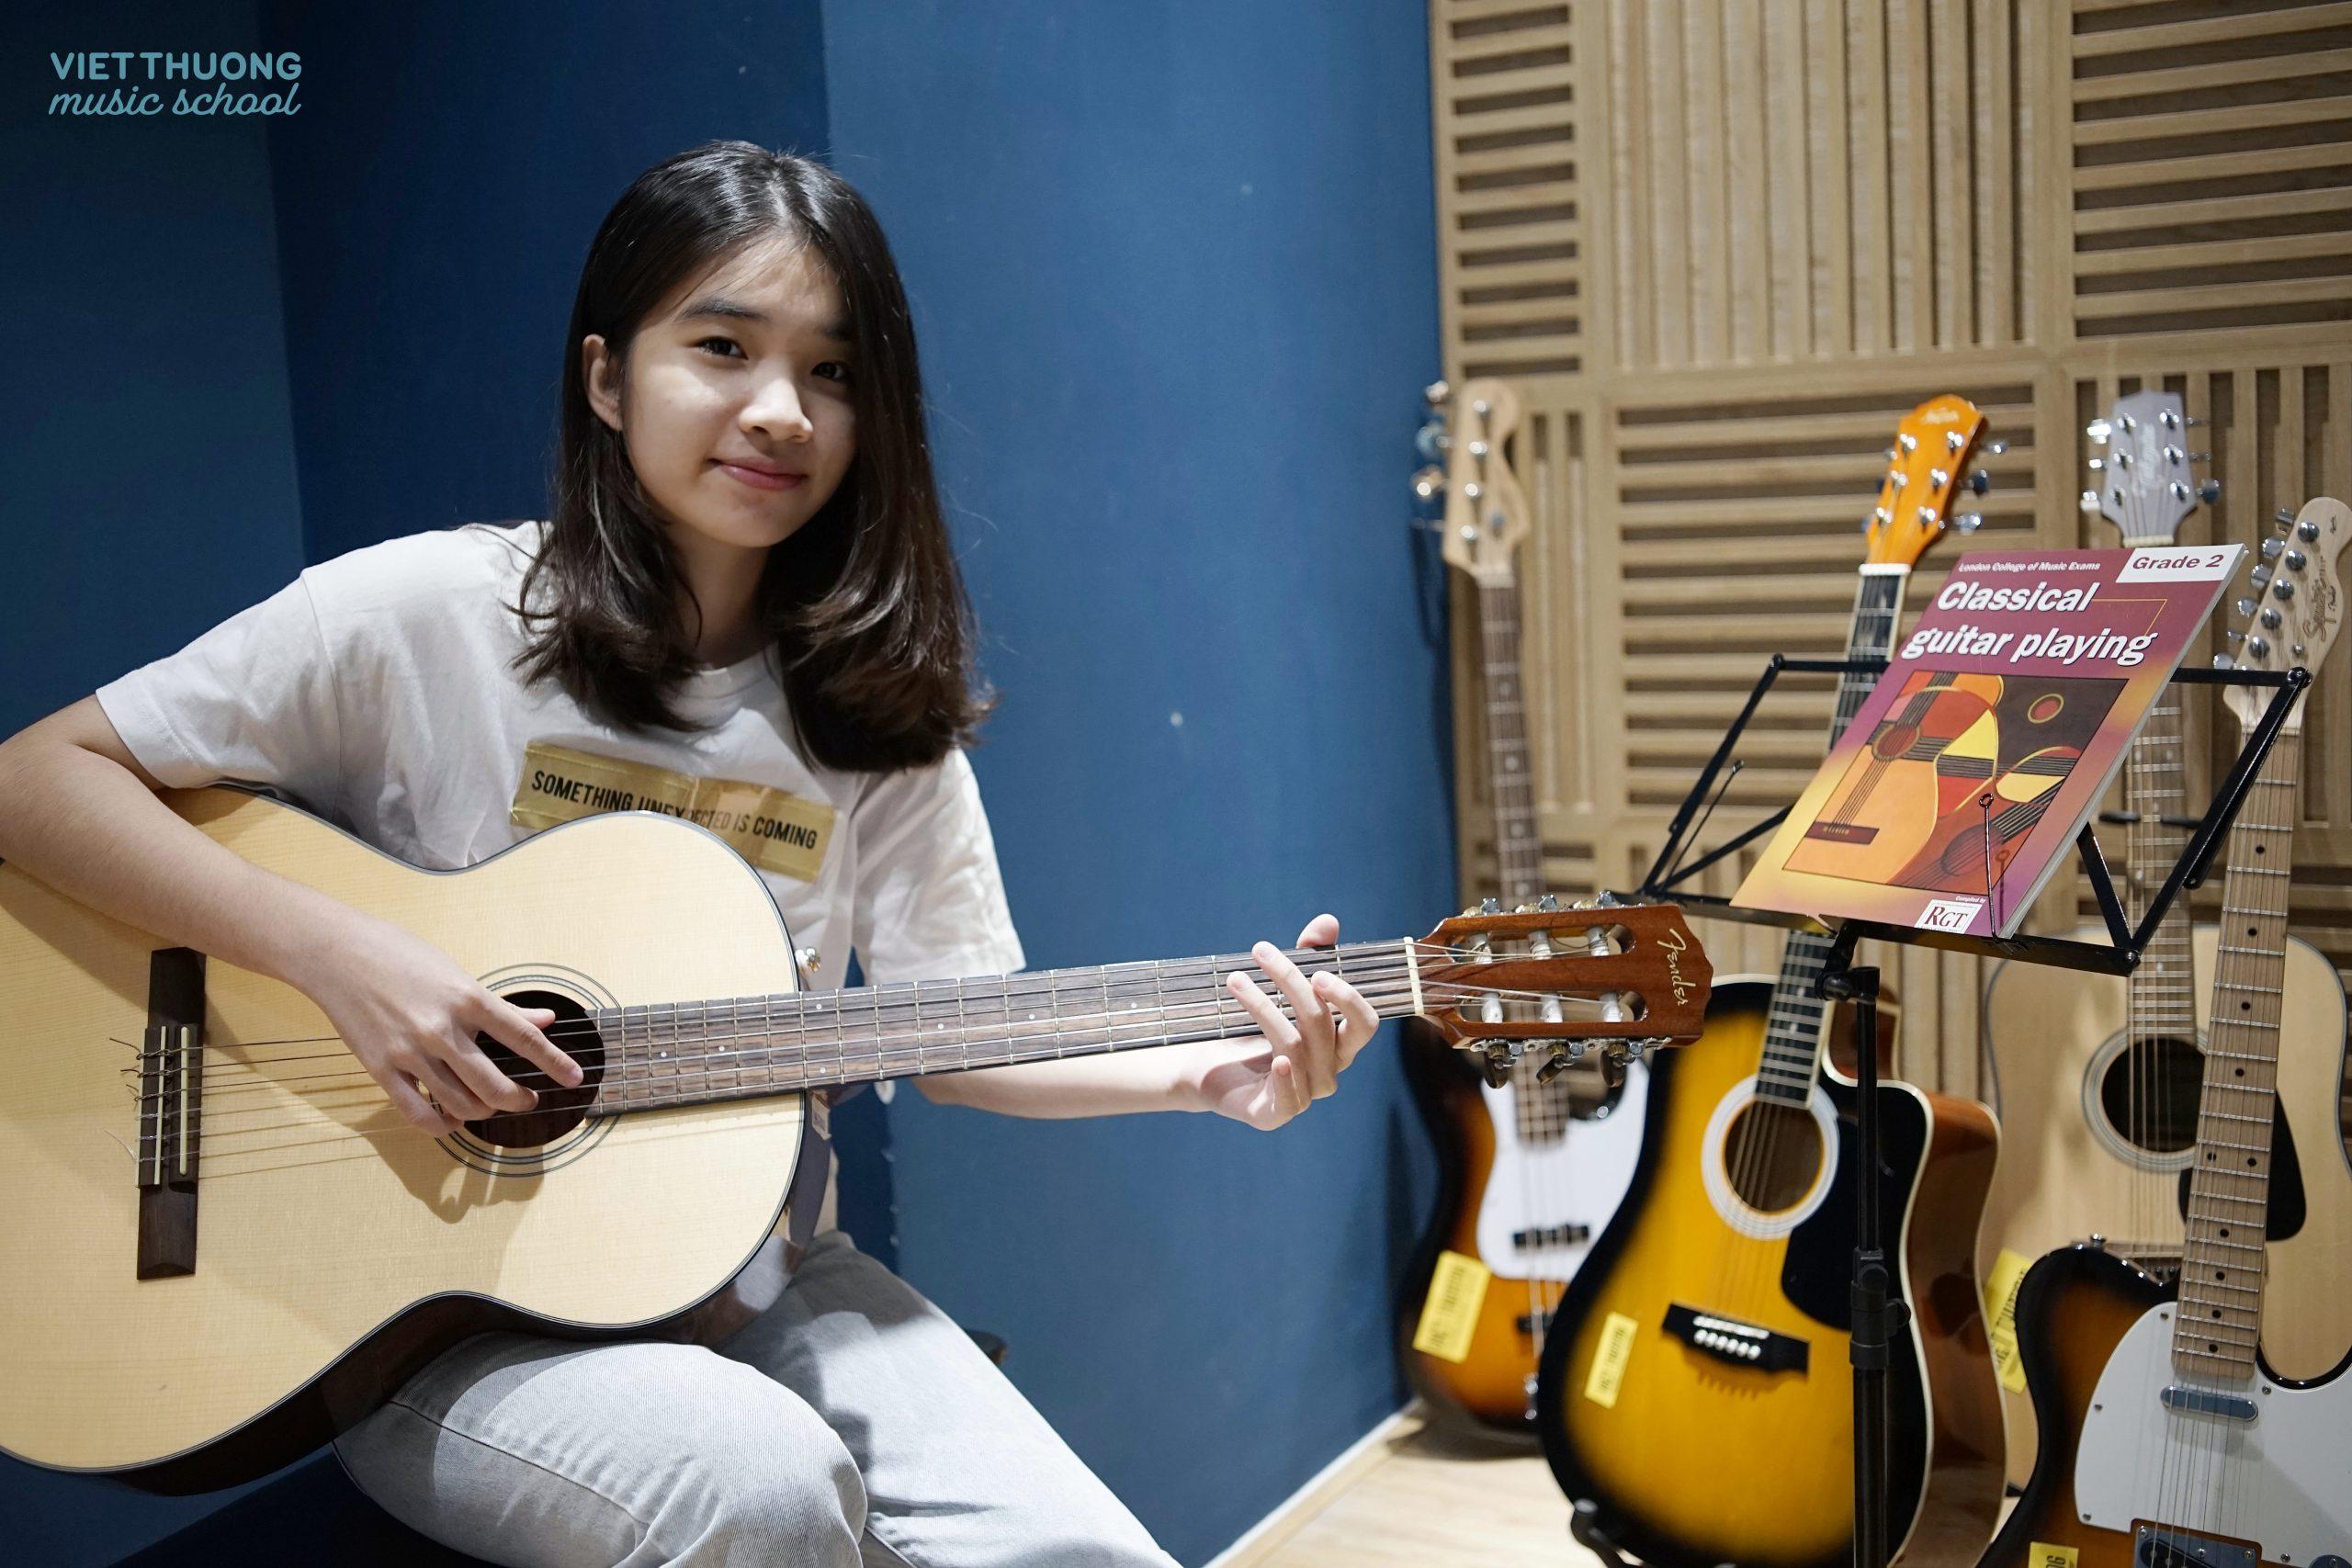 Âm nhạc và học tập